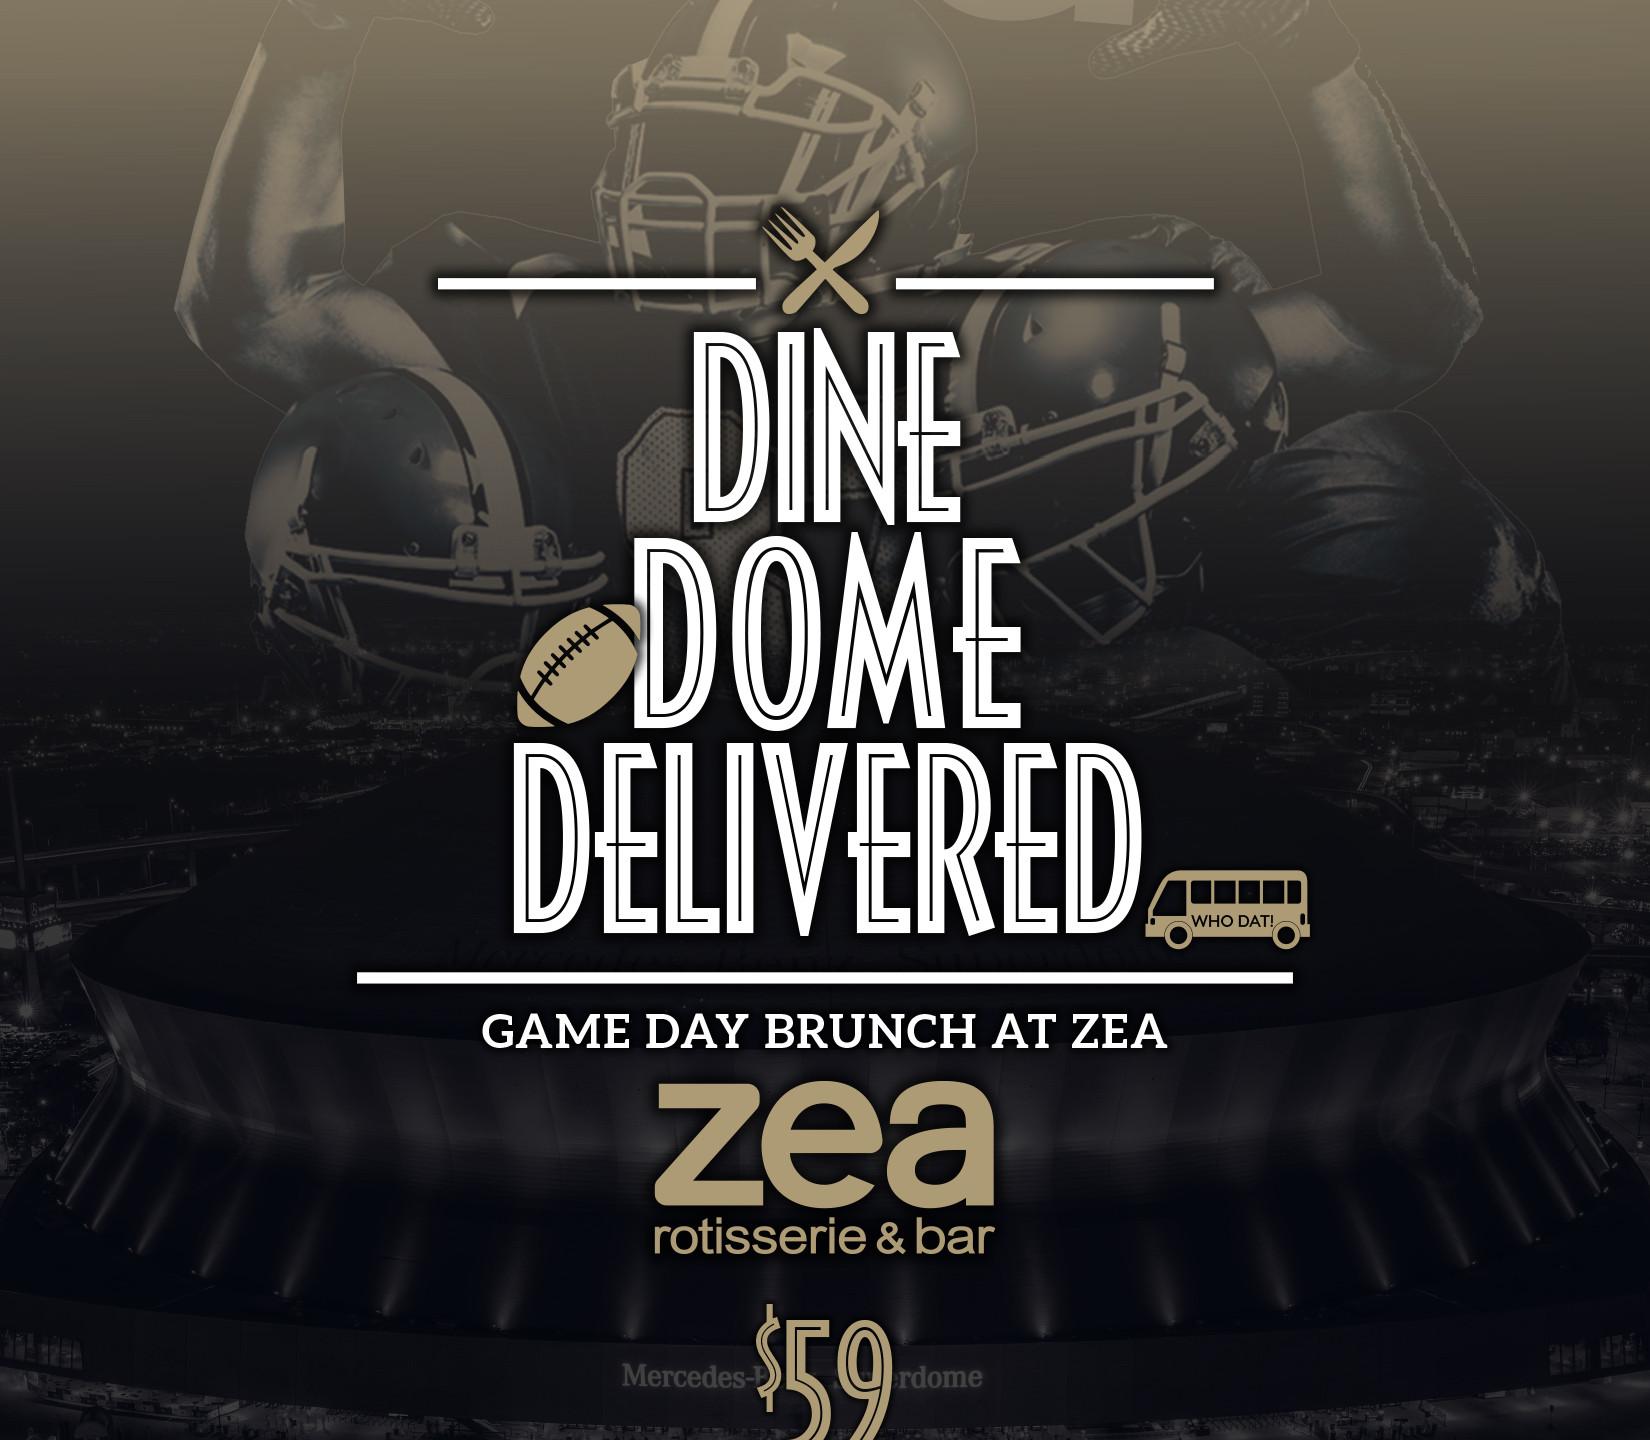 ZEA Dine Dome Delivered - scott ott crea